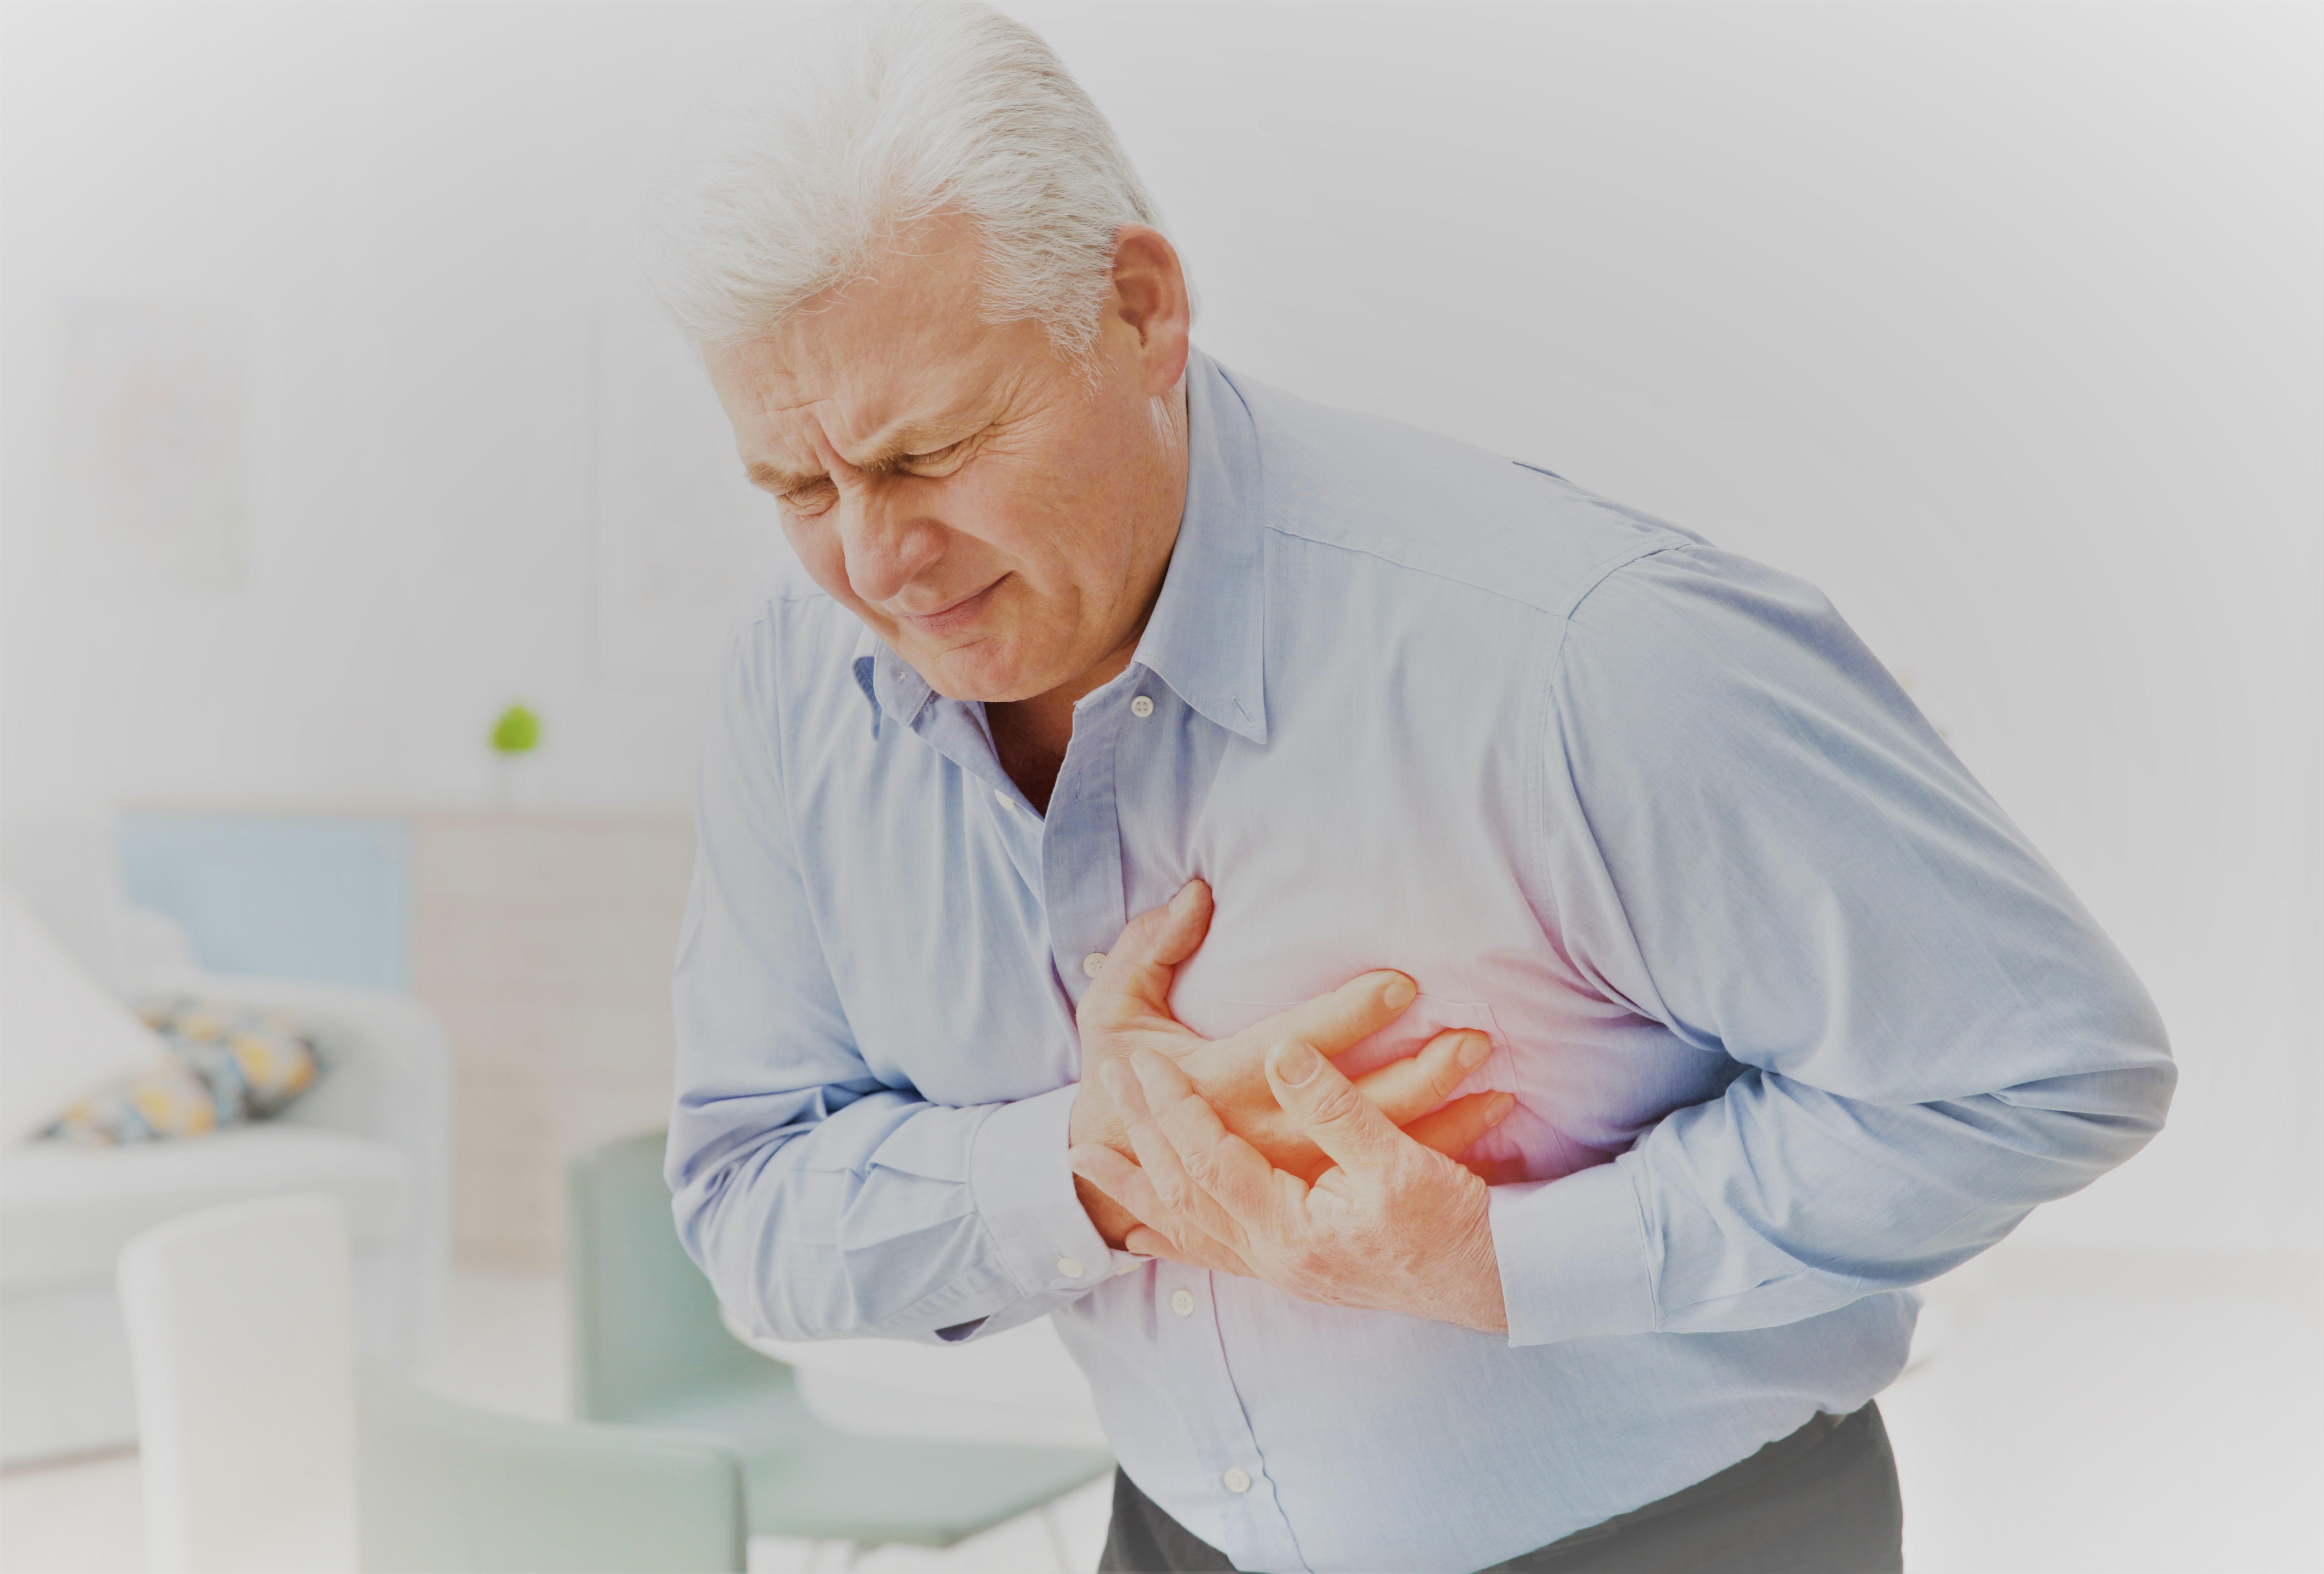 vállfájdalom rák a test minden ízülete nagyon fájdalmas ok